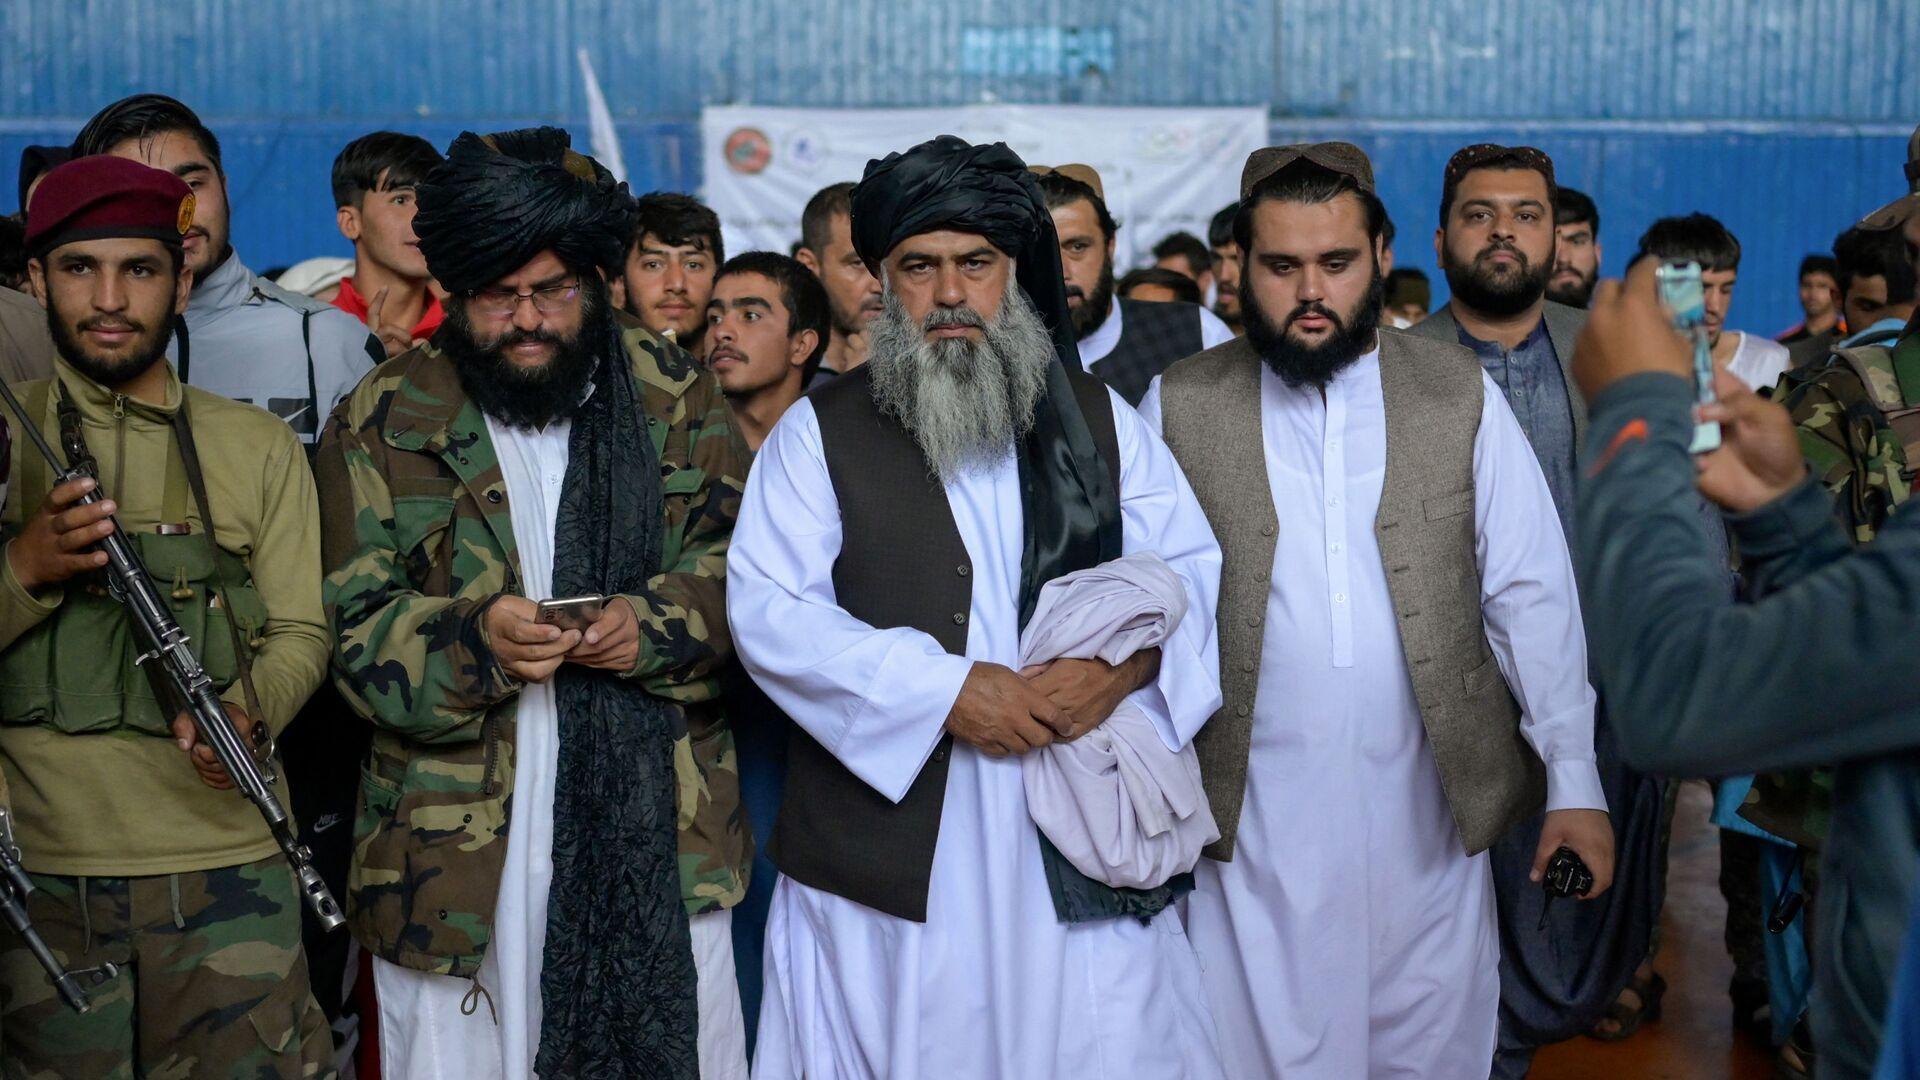 Во время визита директора Талибана по физическому воспитанию и спорту Башира Ахмада Рустамзая в спортзал в Кабуле - Sputnik Ўзбекистон, 1920, 05.10.2021